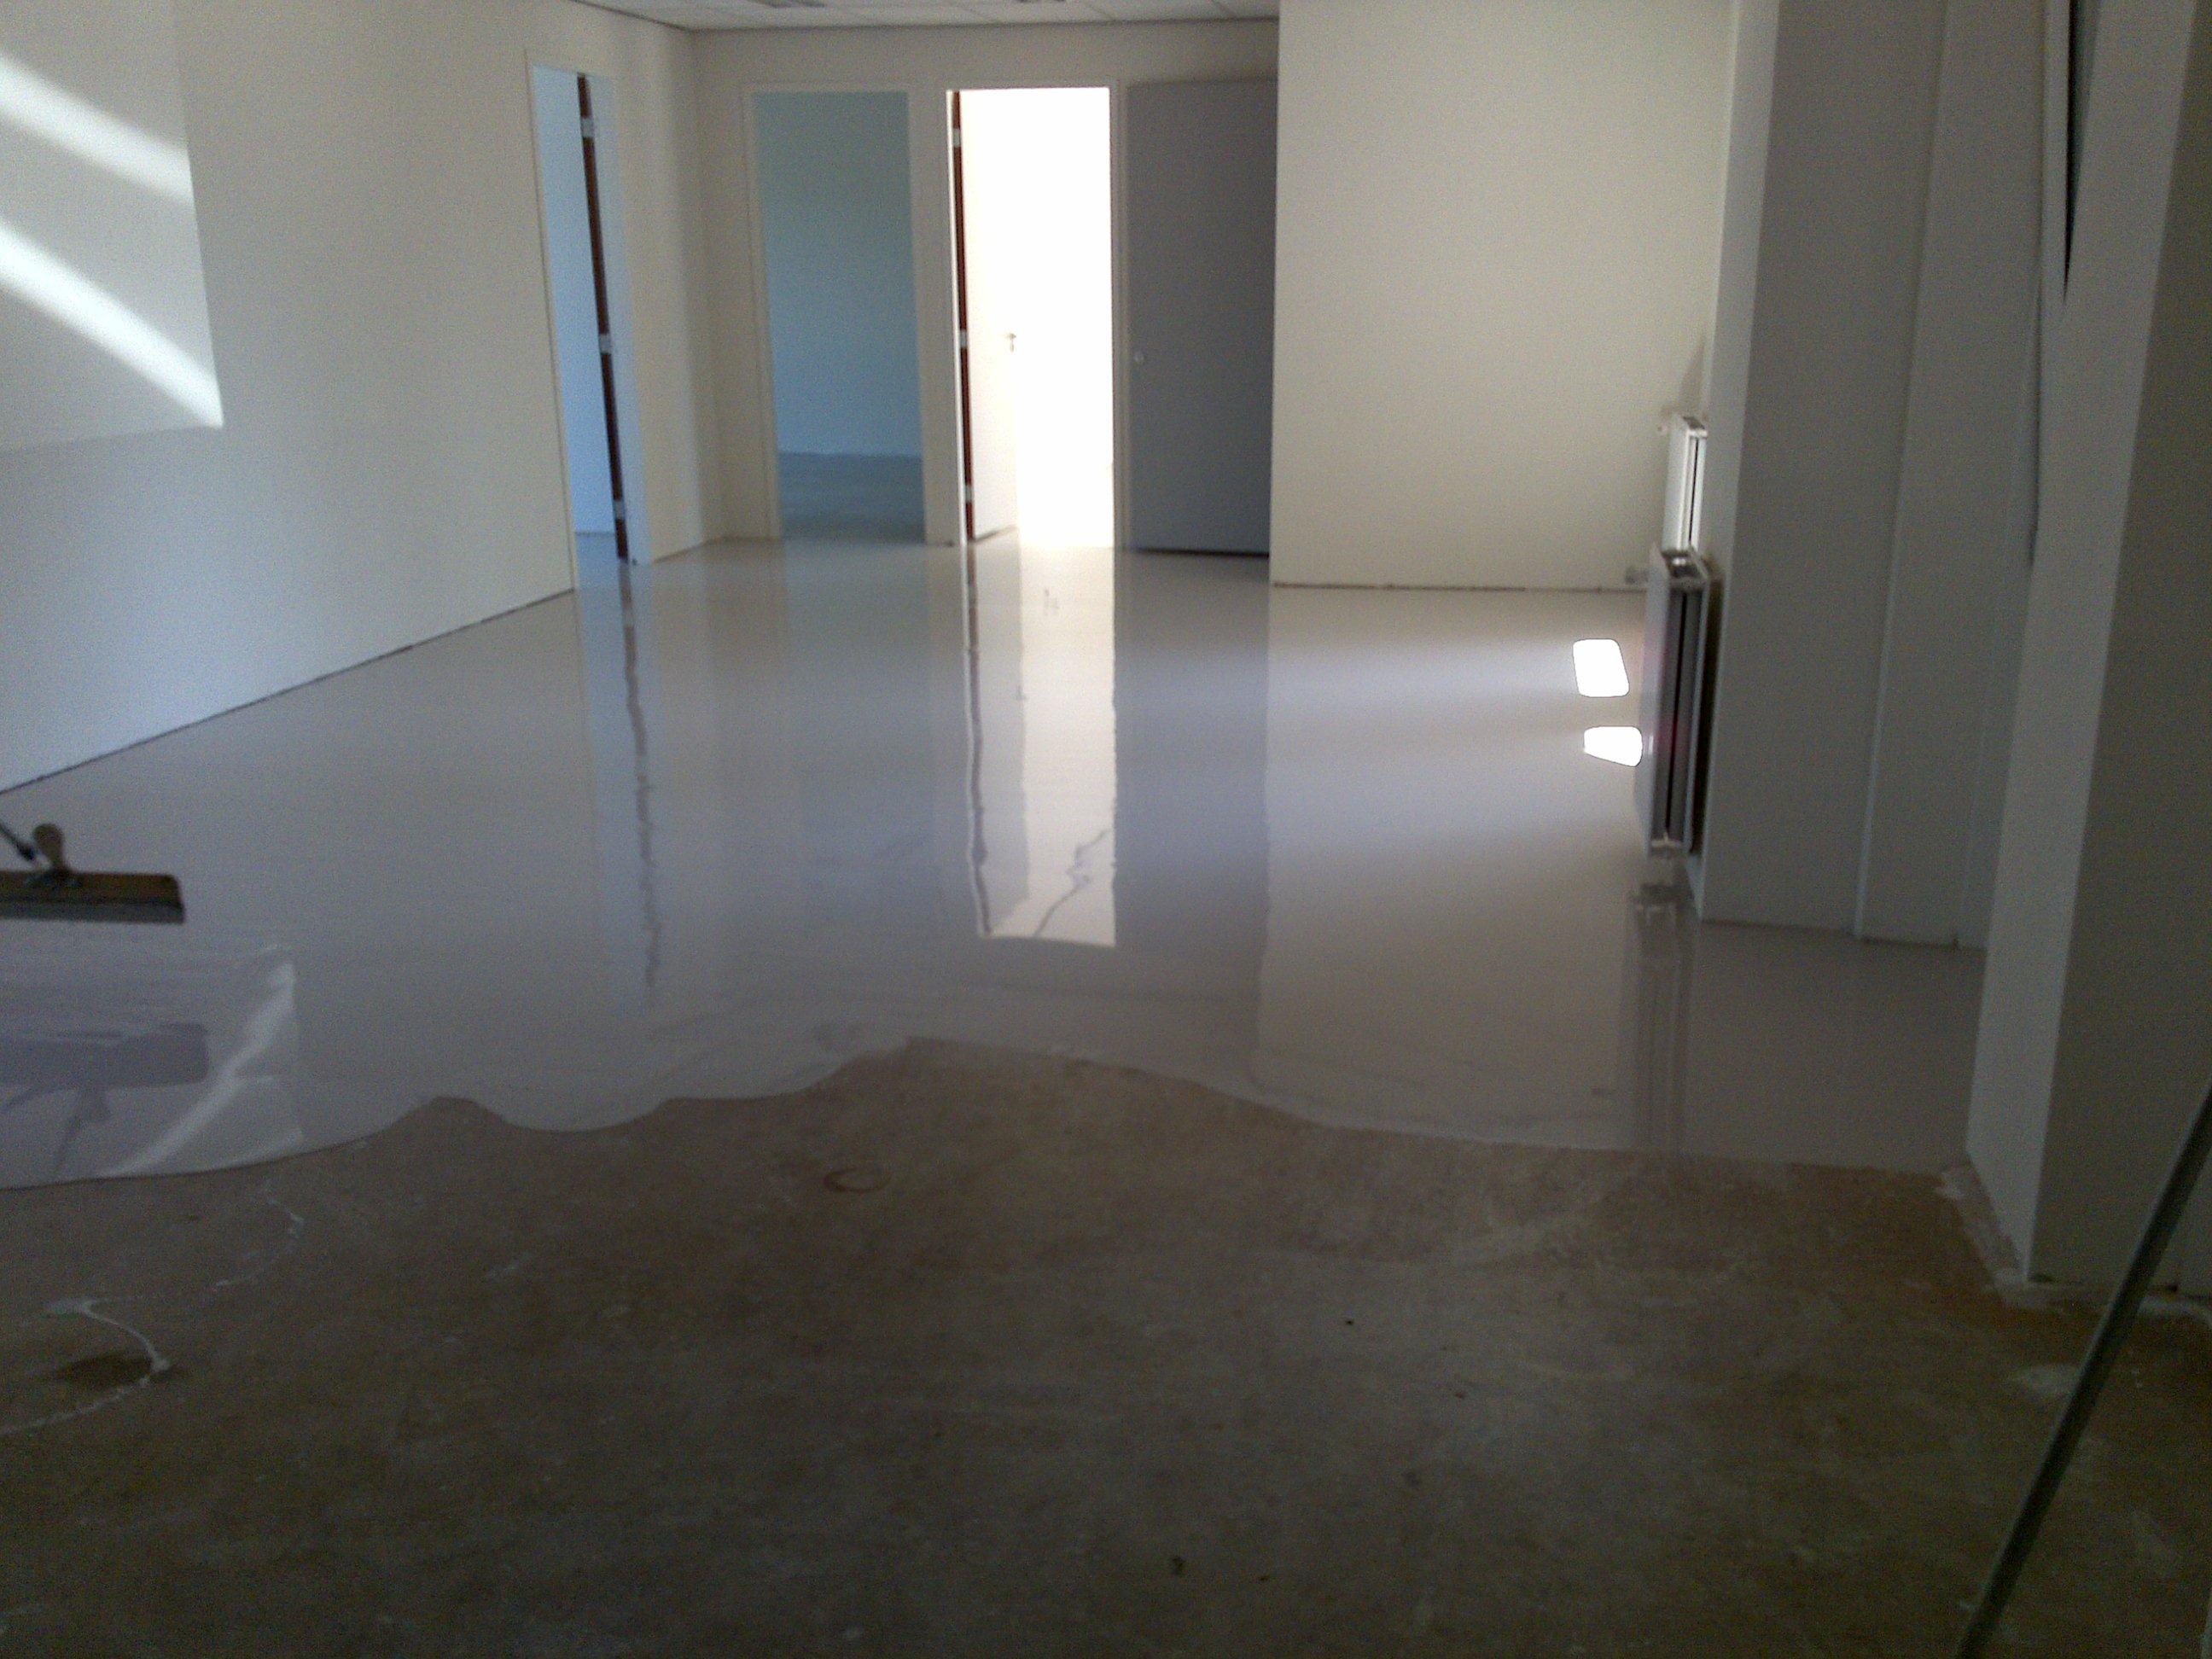 Marmoleum Vloer Verven : Hs vloeren projectstoffering werkwijze